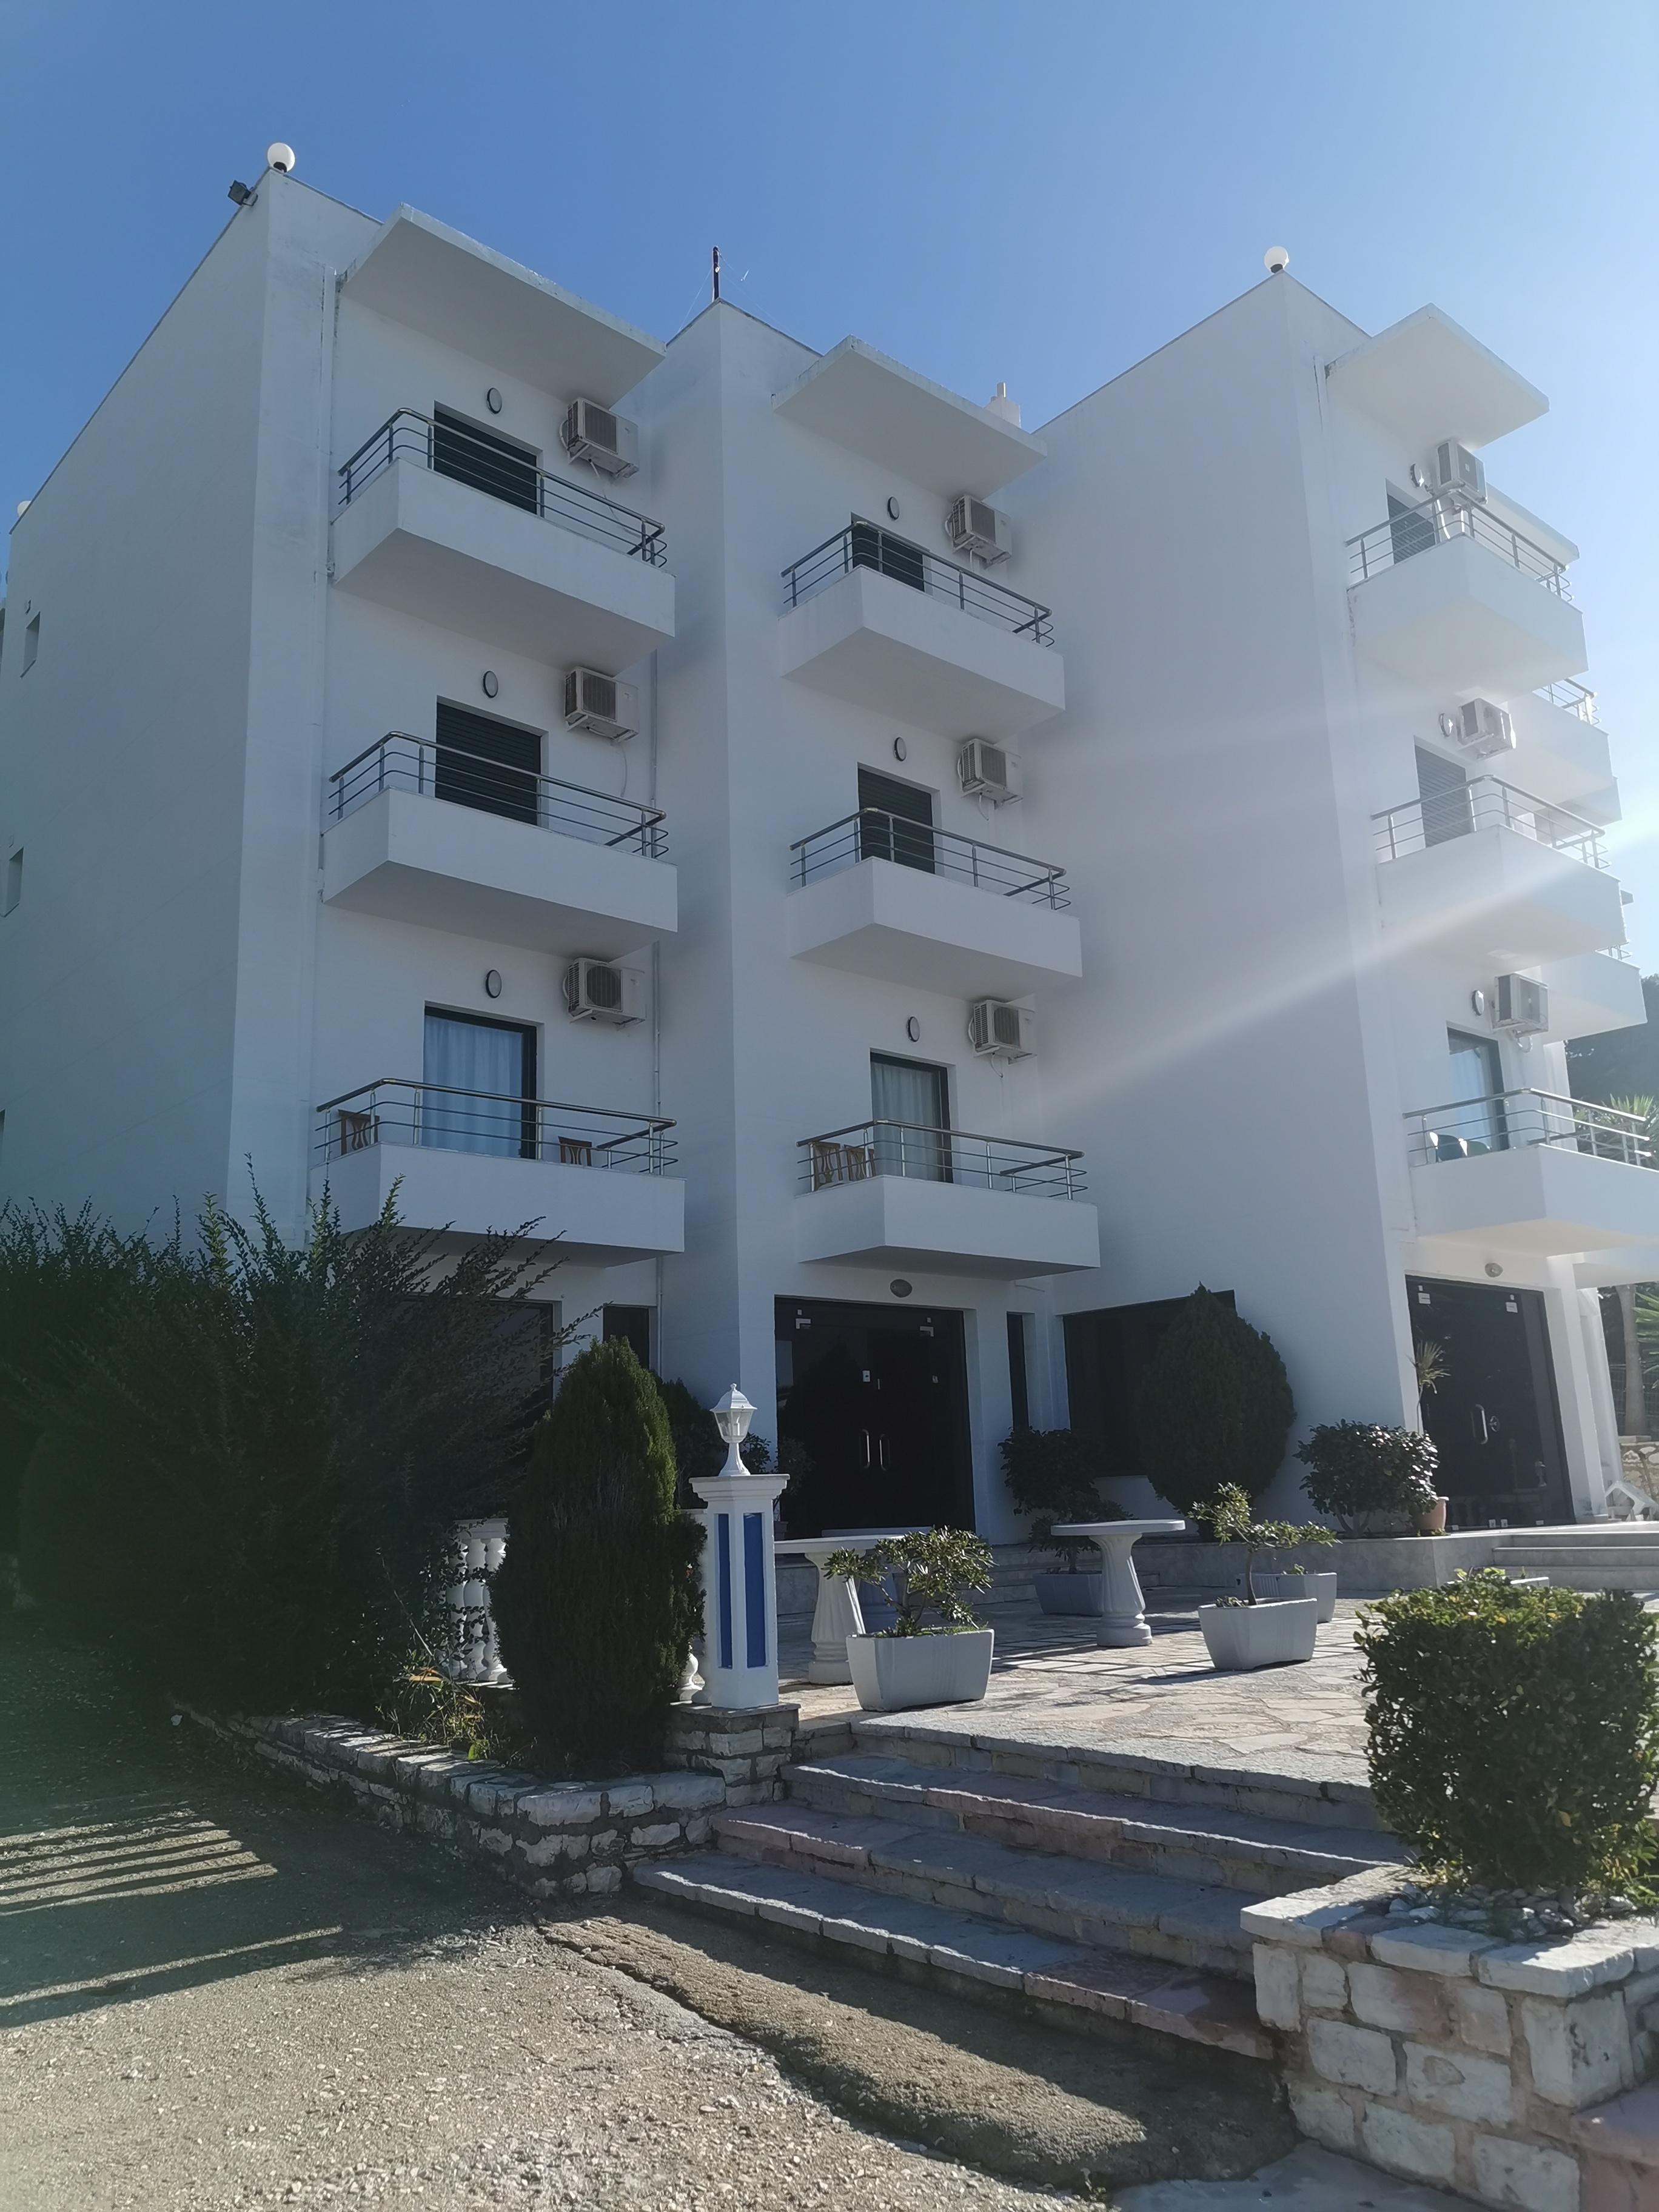 Letovanje Albanija hoteli, Saranda, autobus, Hotel Perla, spolja